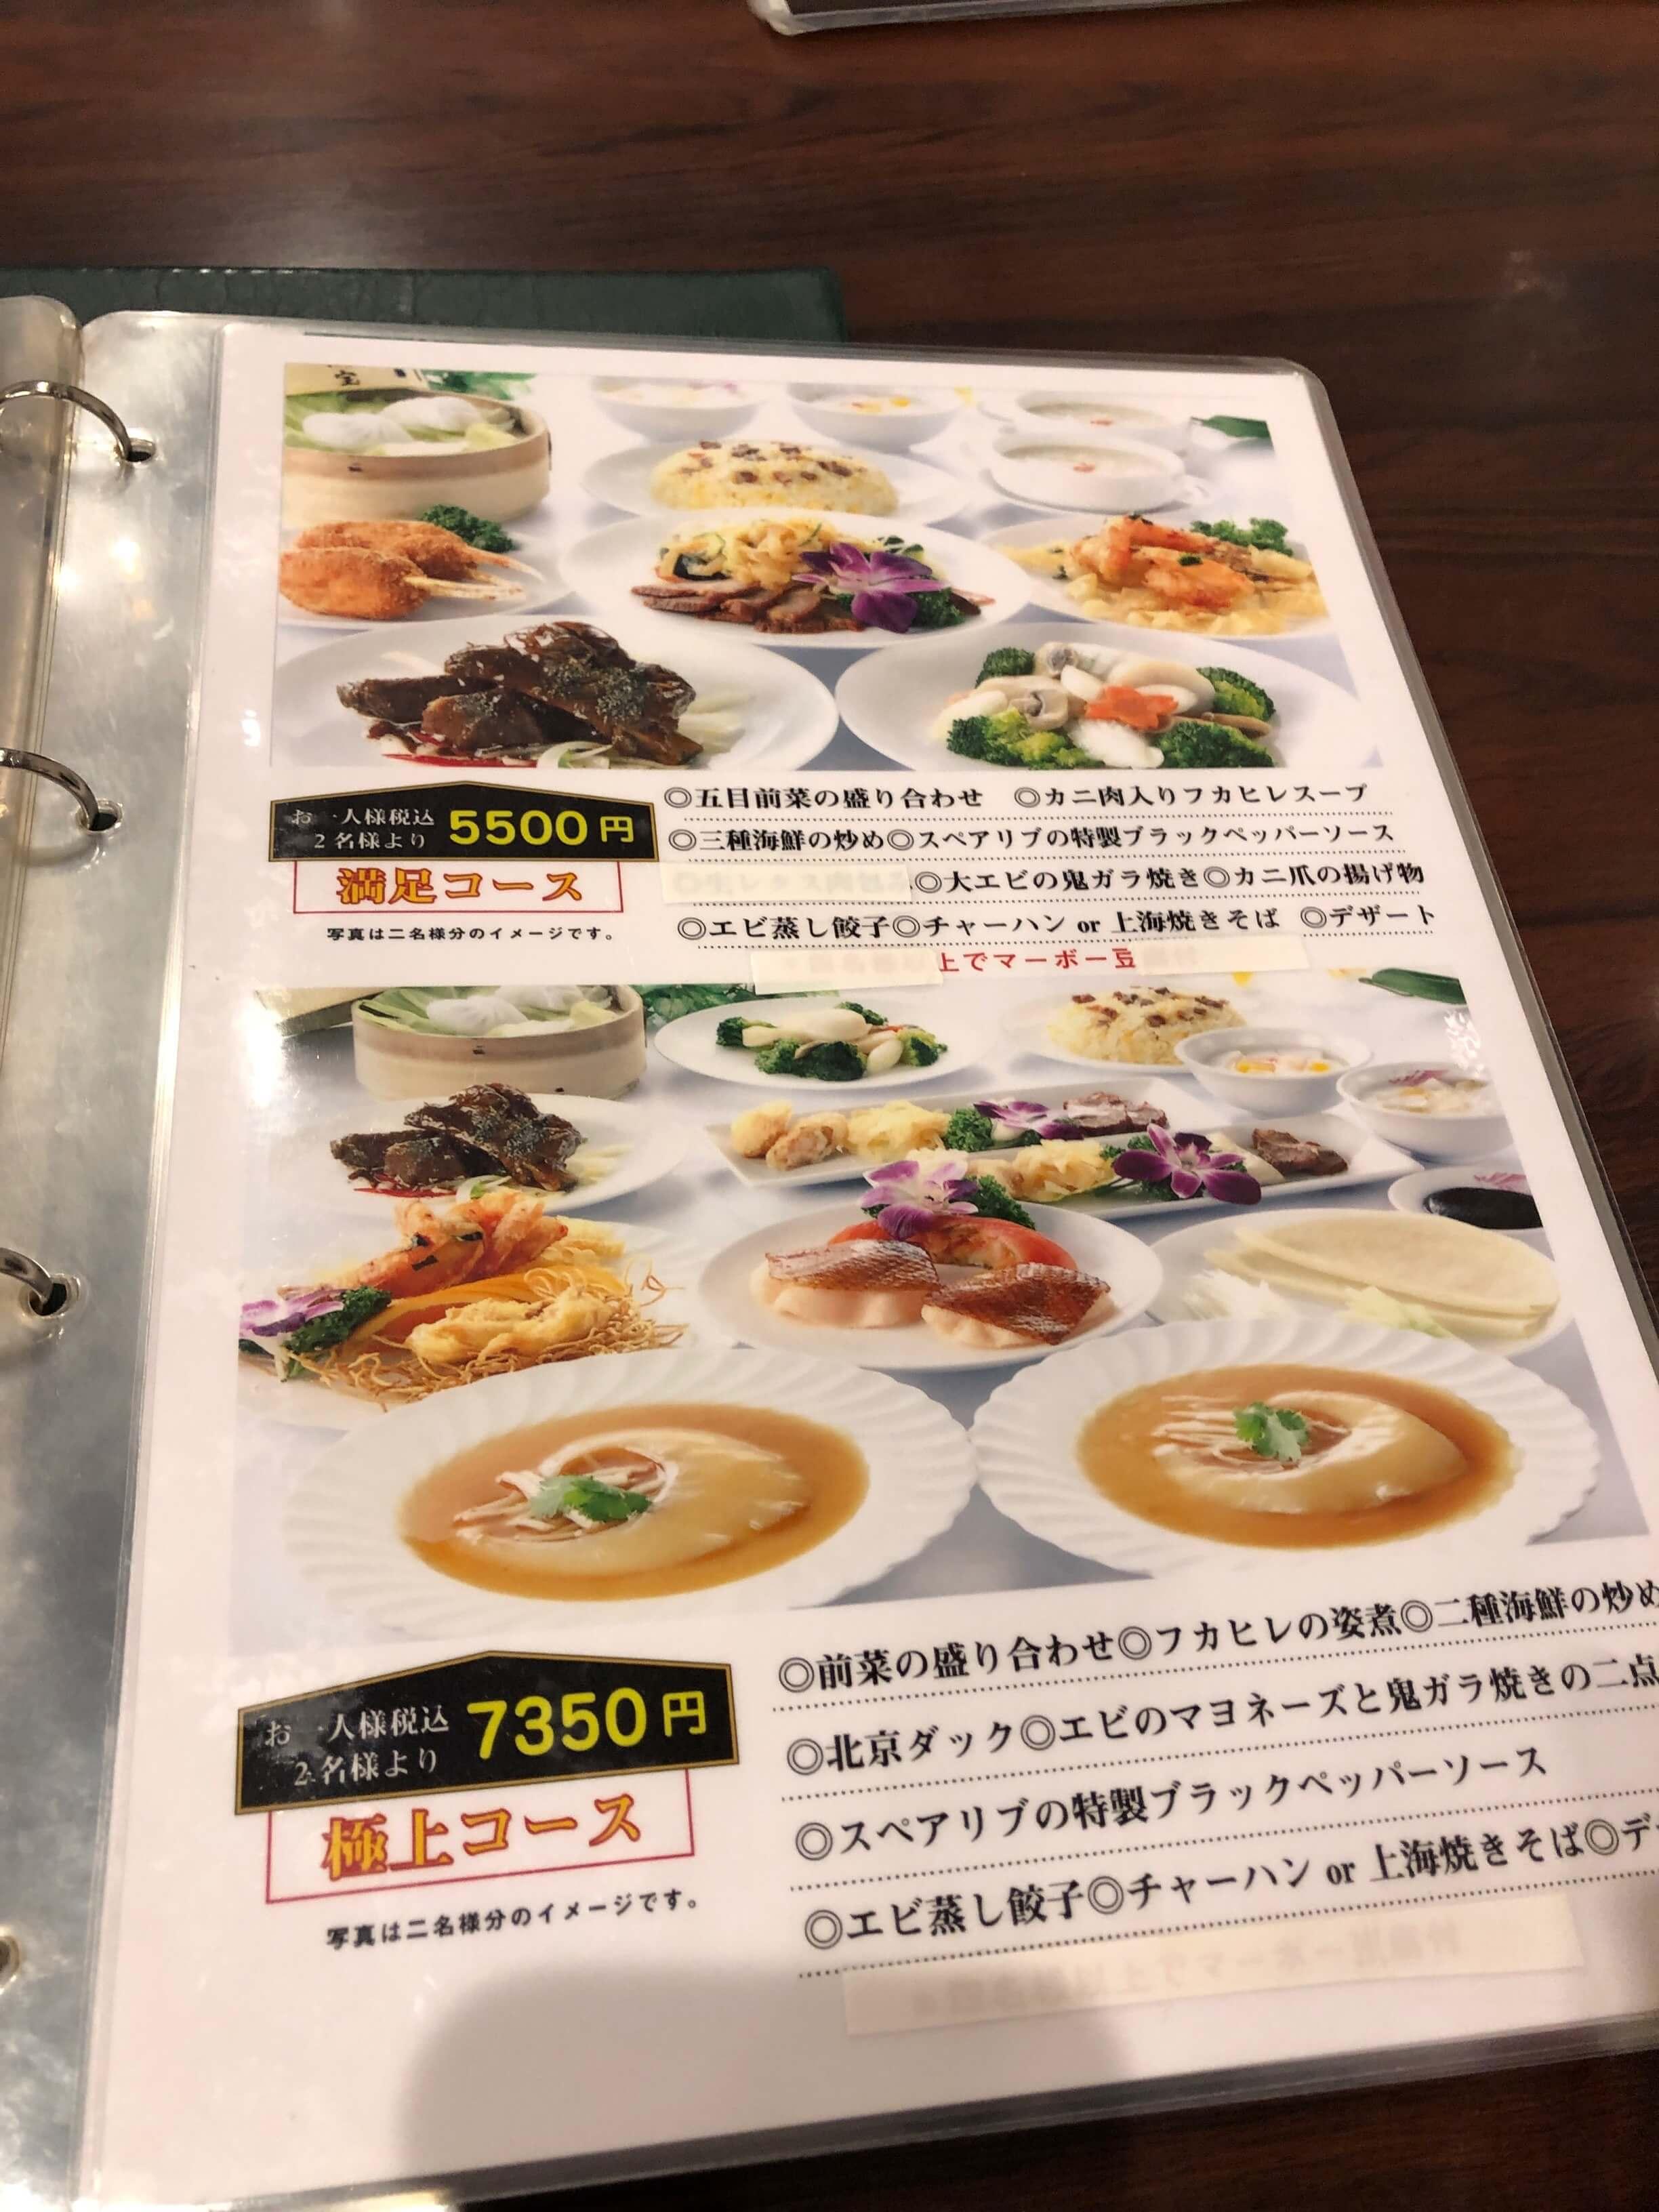 保昌 メニュー 2020.03.18